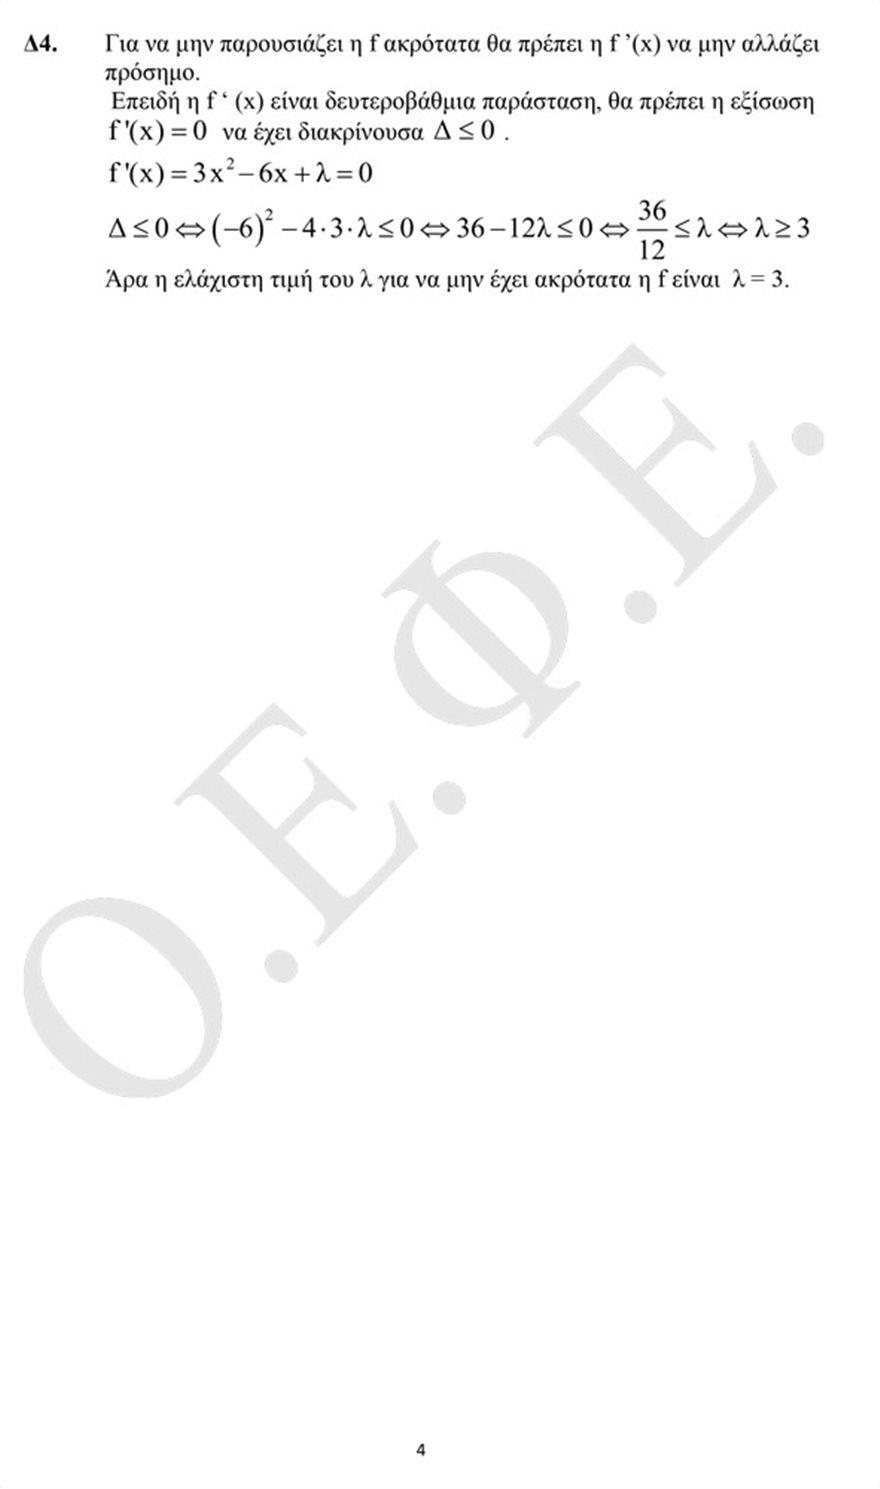 oefe_apadiseis_algevra4